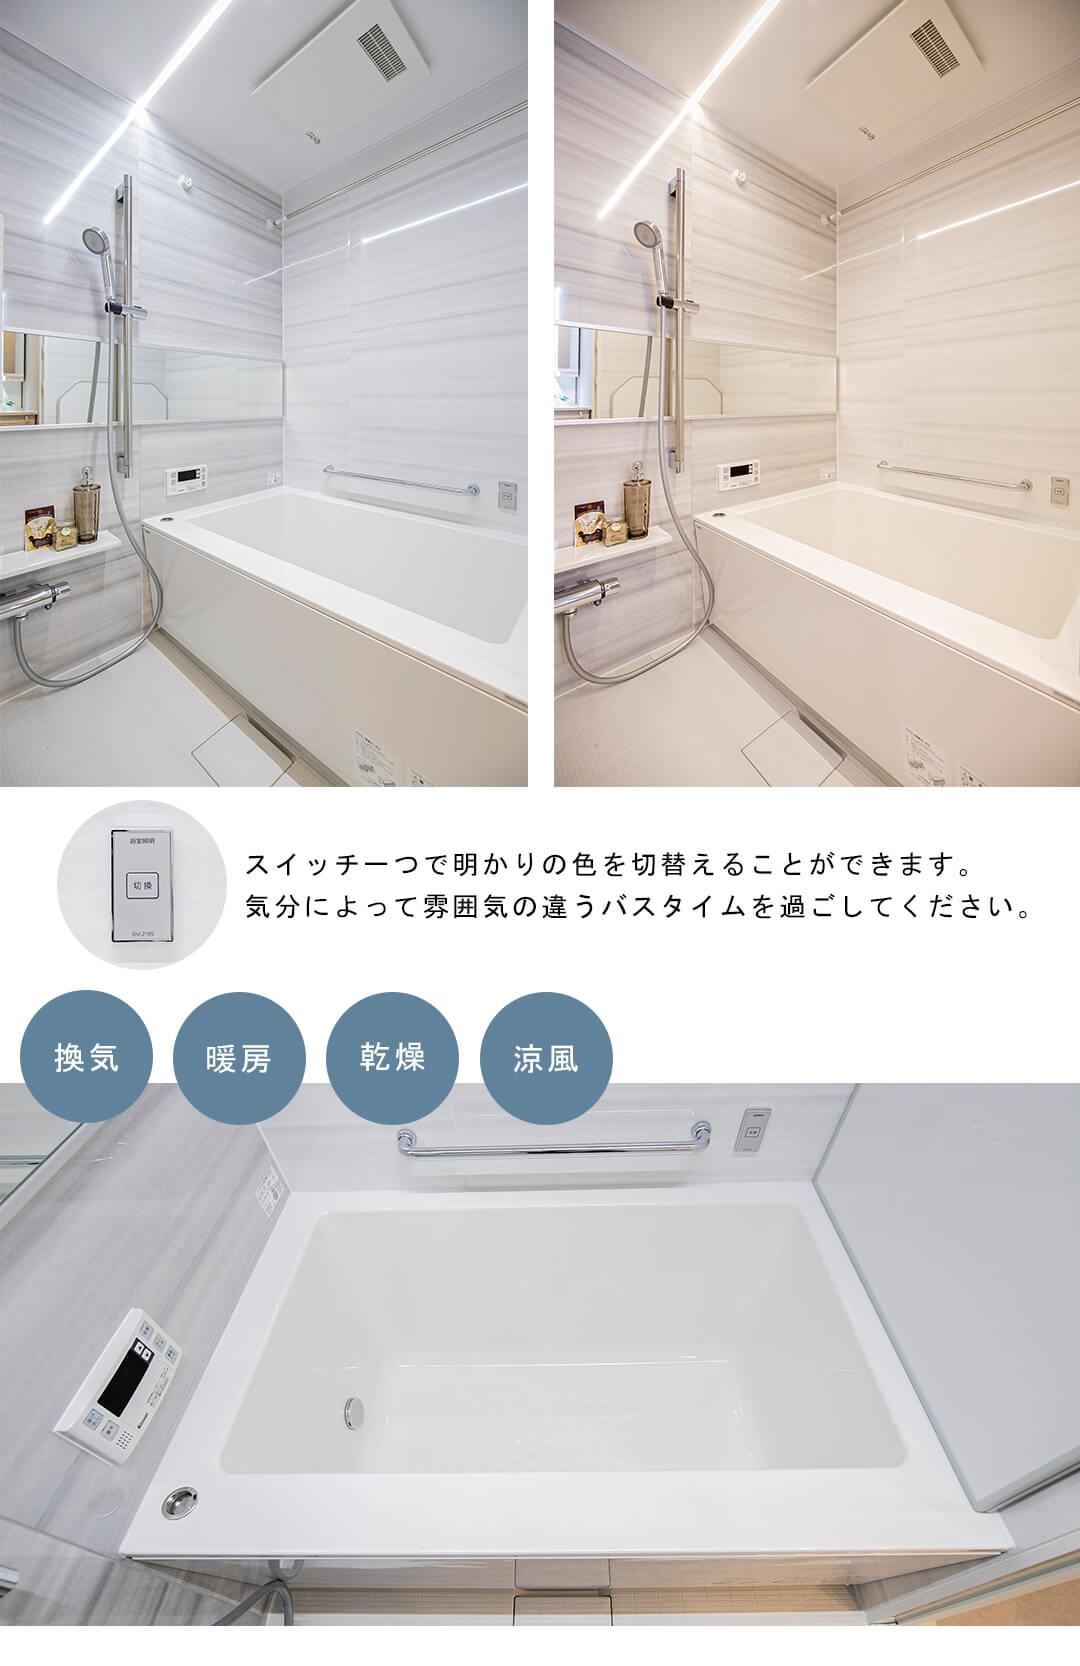 朝日シティパリオ西早稲田館の浴室